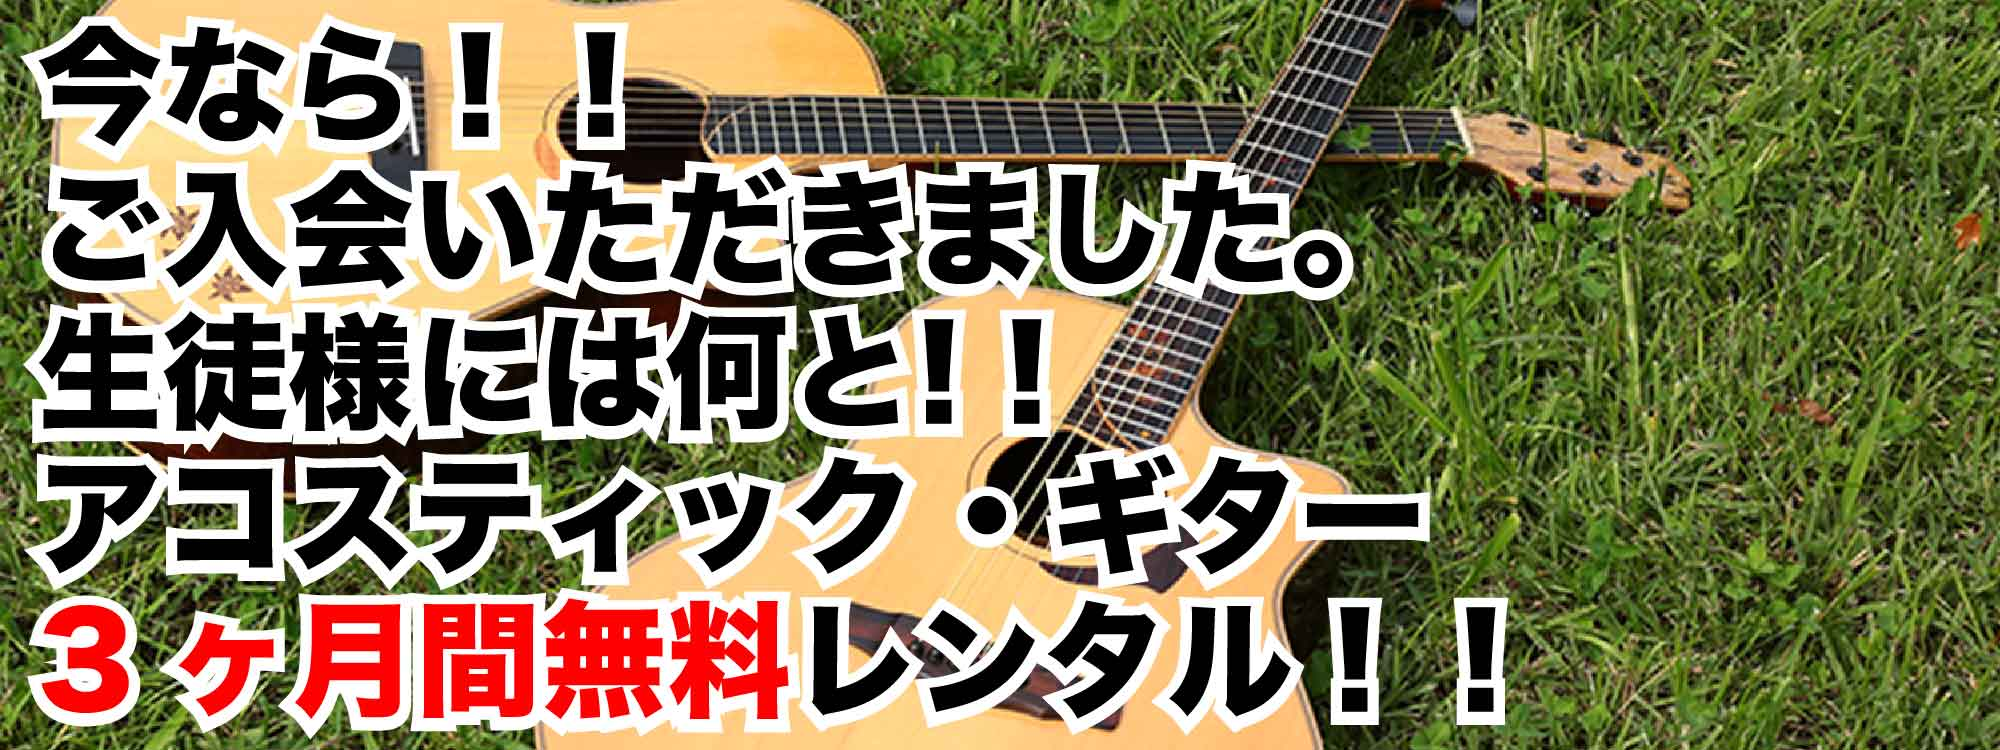 今ならご入会の方にのみ!!アコースティック・ギター 3ヶ月無料レンタル(feelギター教室 西東京市田無校)